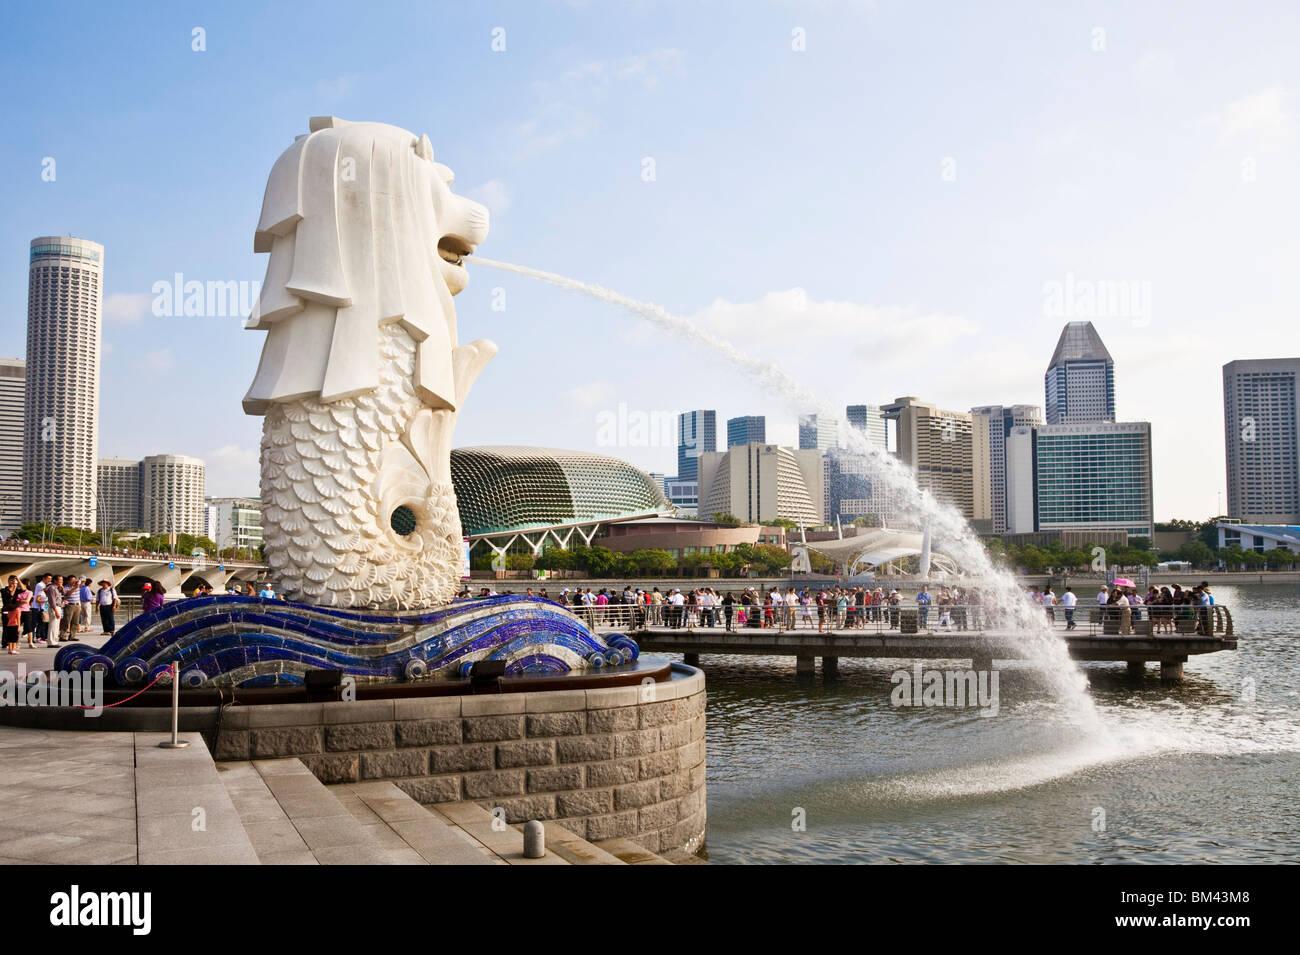 Le Merlion, statue sur l'Esplanade, à Singapour Banque D'Images